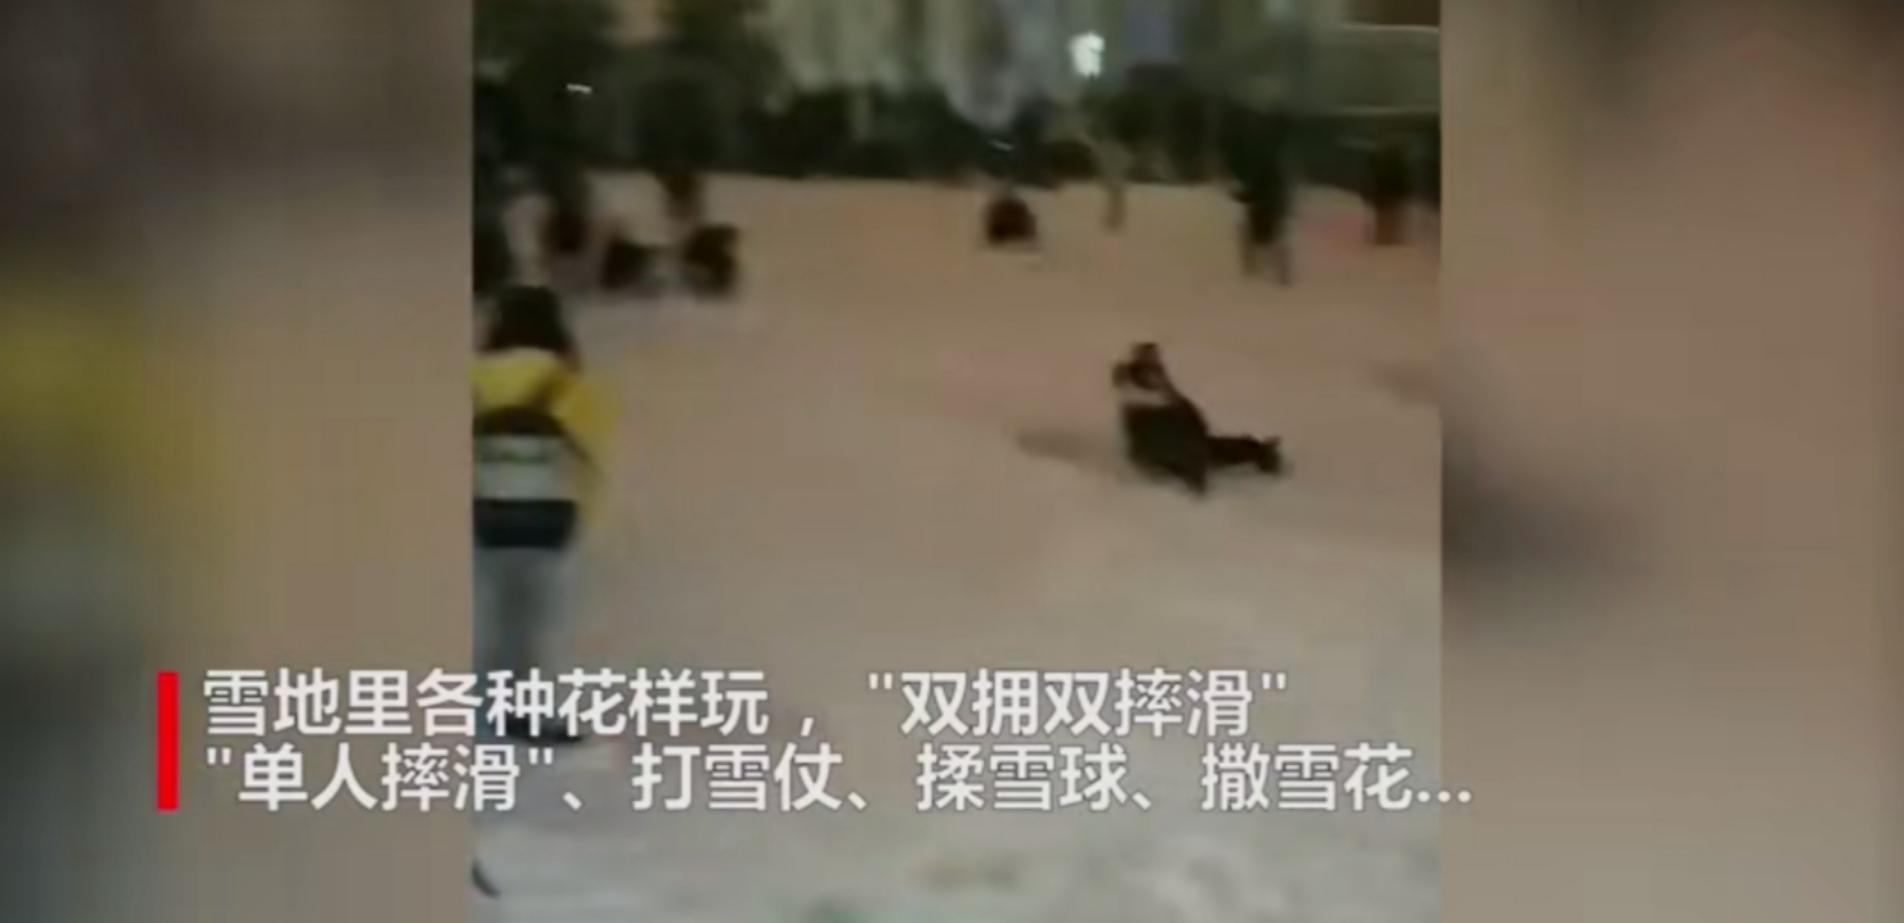 博狗登不上_即行Car2Go将退出中国 传其或并入蔚星科技